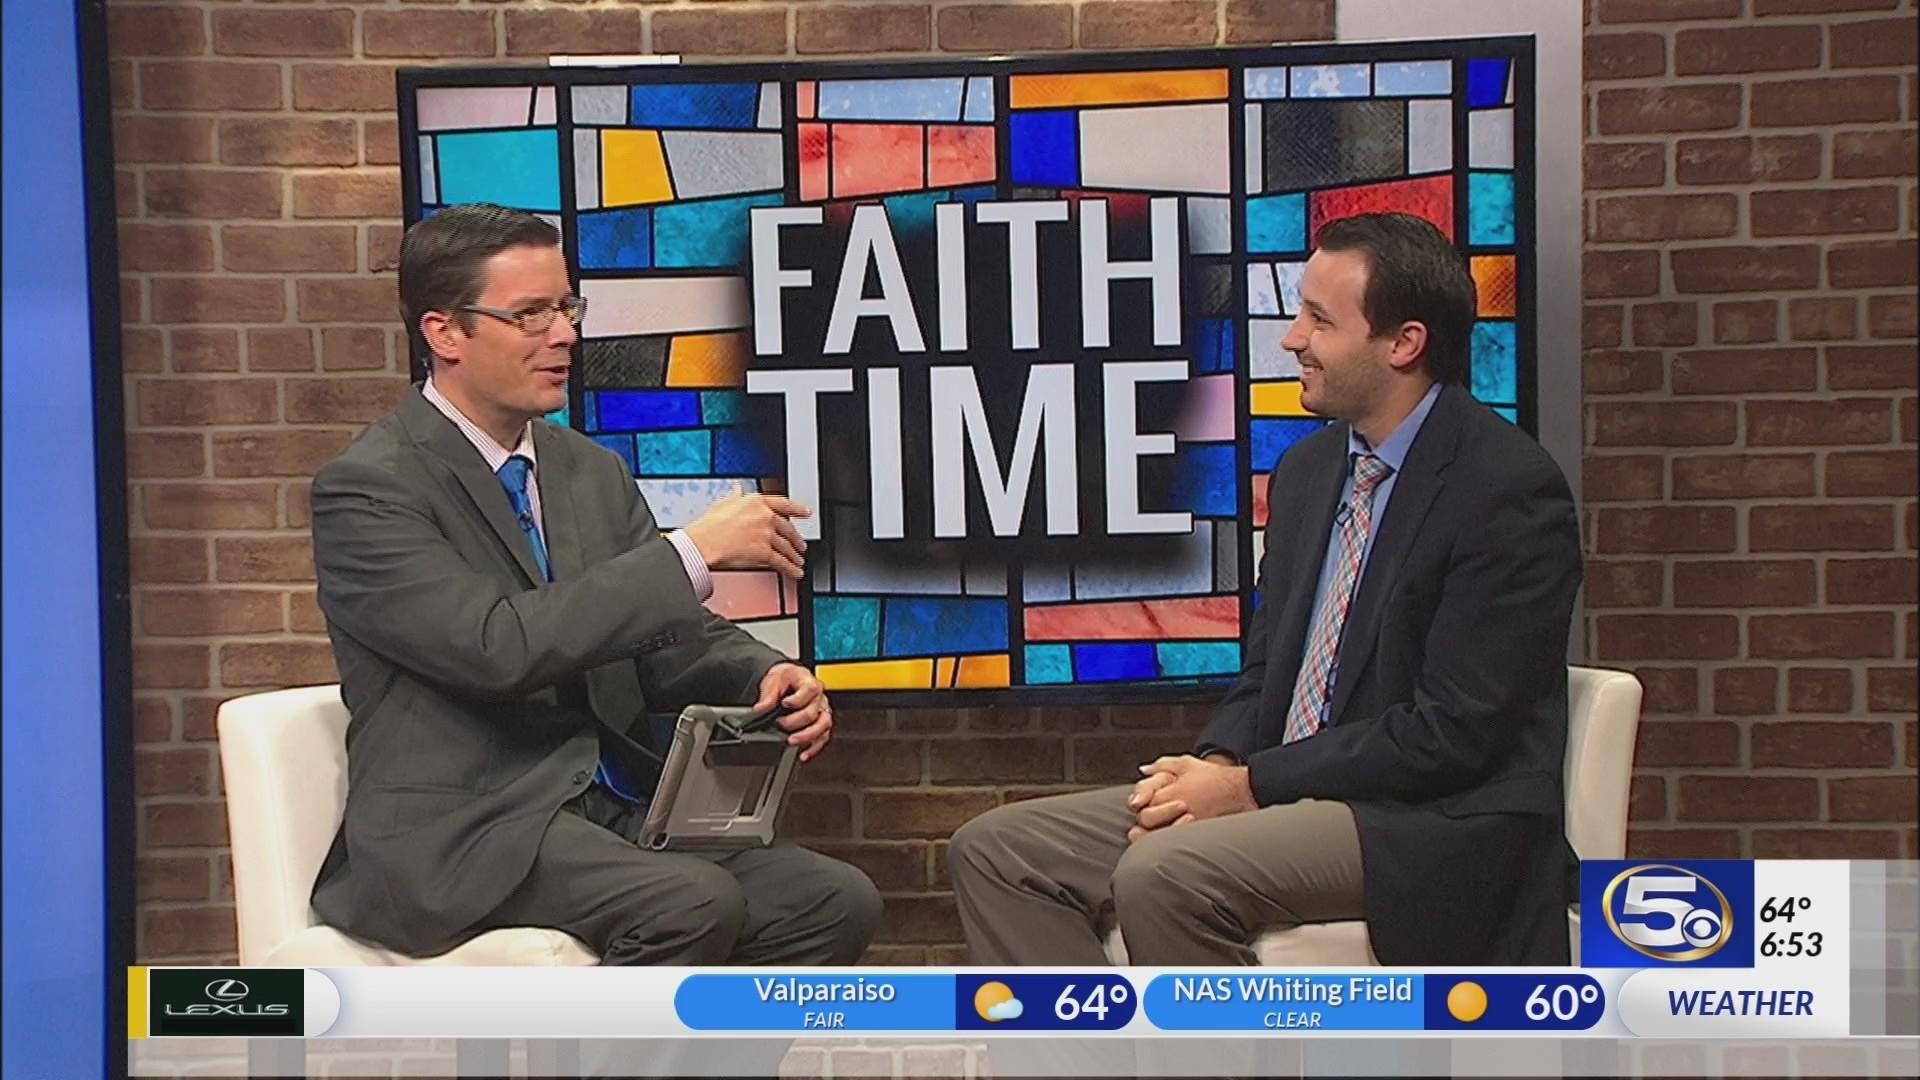 Faith_Time___Fall_Festival_0_20181014122126